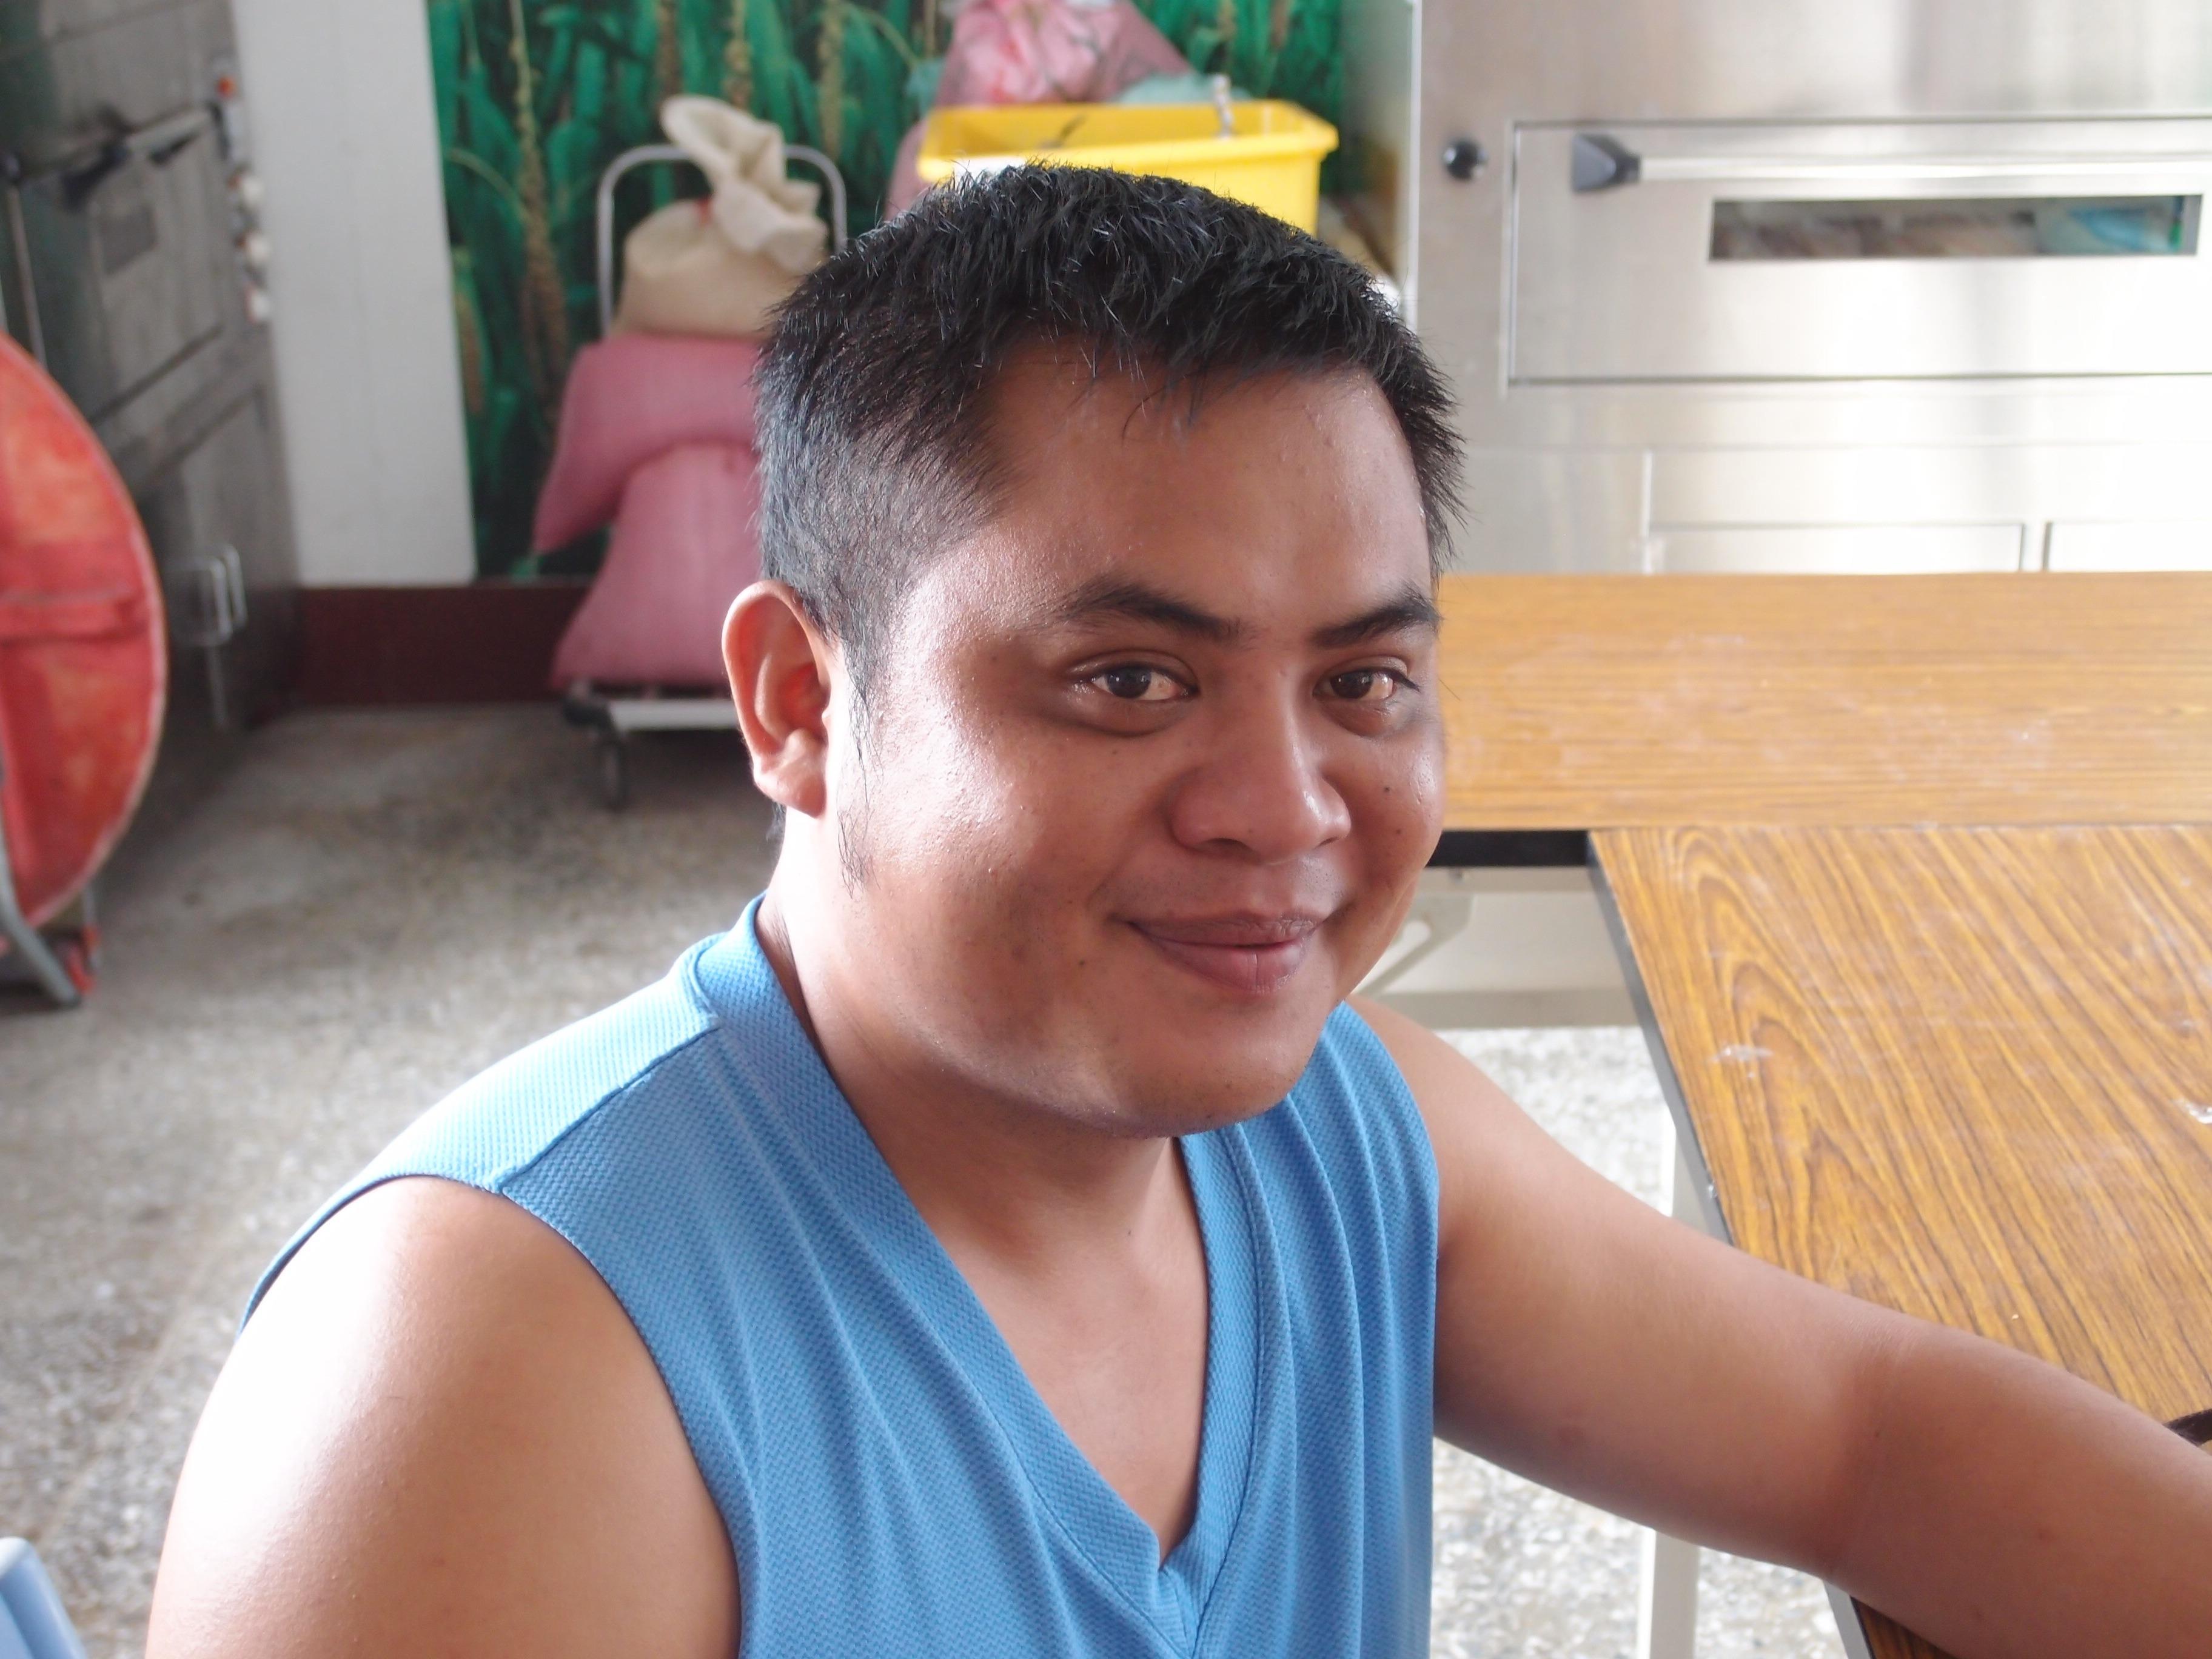 【社區重建人物誌】從小米開始,從文化開始-臺東太麻里香蘭社區營造員古正生